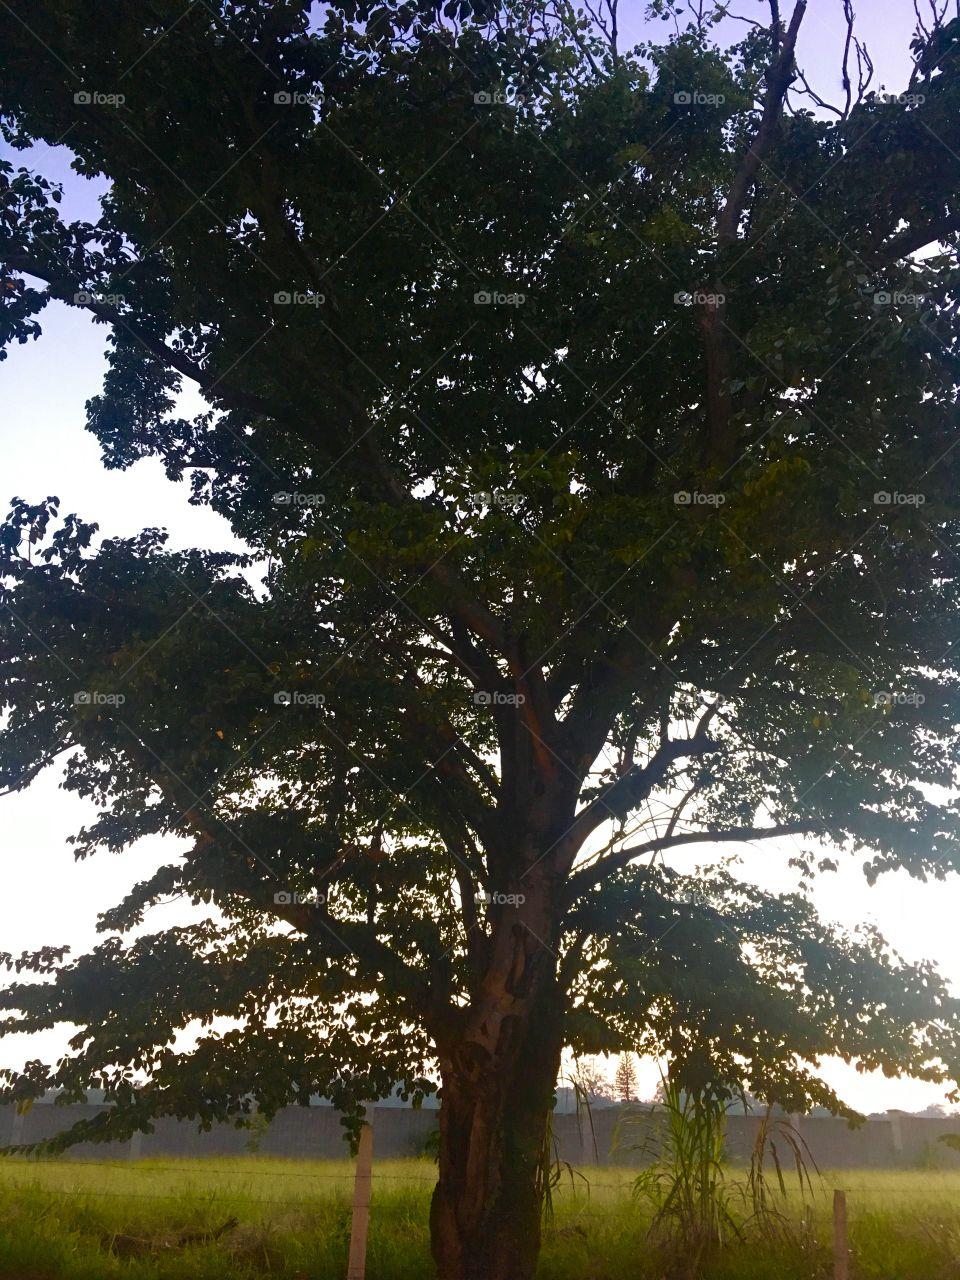 🌅Desperte, #Jundiaí! Ótima semana a todos. 🍃 #sol #sun #sky #céu #photo #nature #morning #alvorada #natureza #horizonte #fotografia #paisagem #inspiração #amanhecer #mobgraphy #mobgrafia #FotografeiEmJundiaí